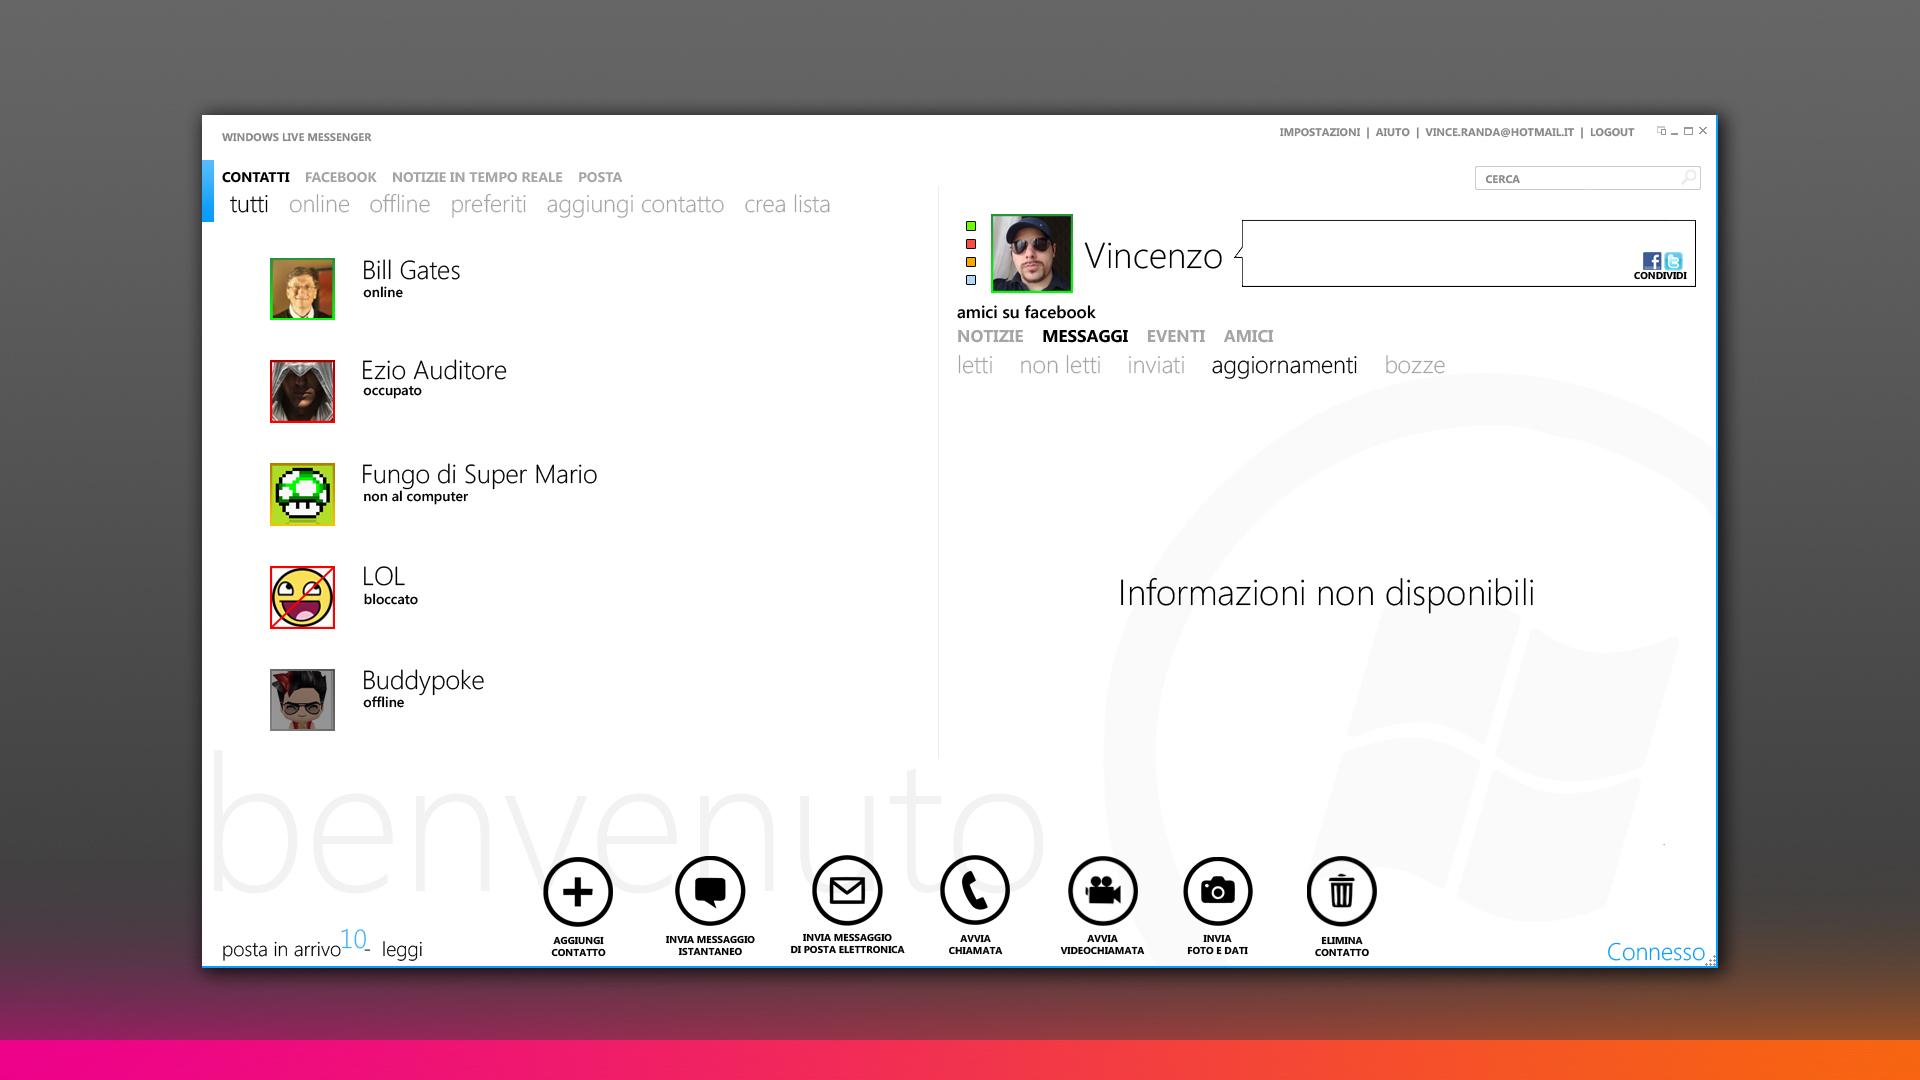 New WLM 2011 Modern UI Concept by metrovinz on DeviantArt